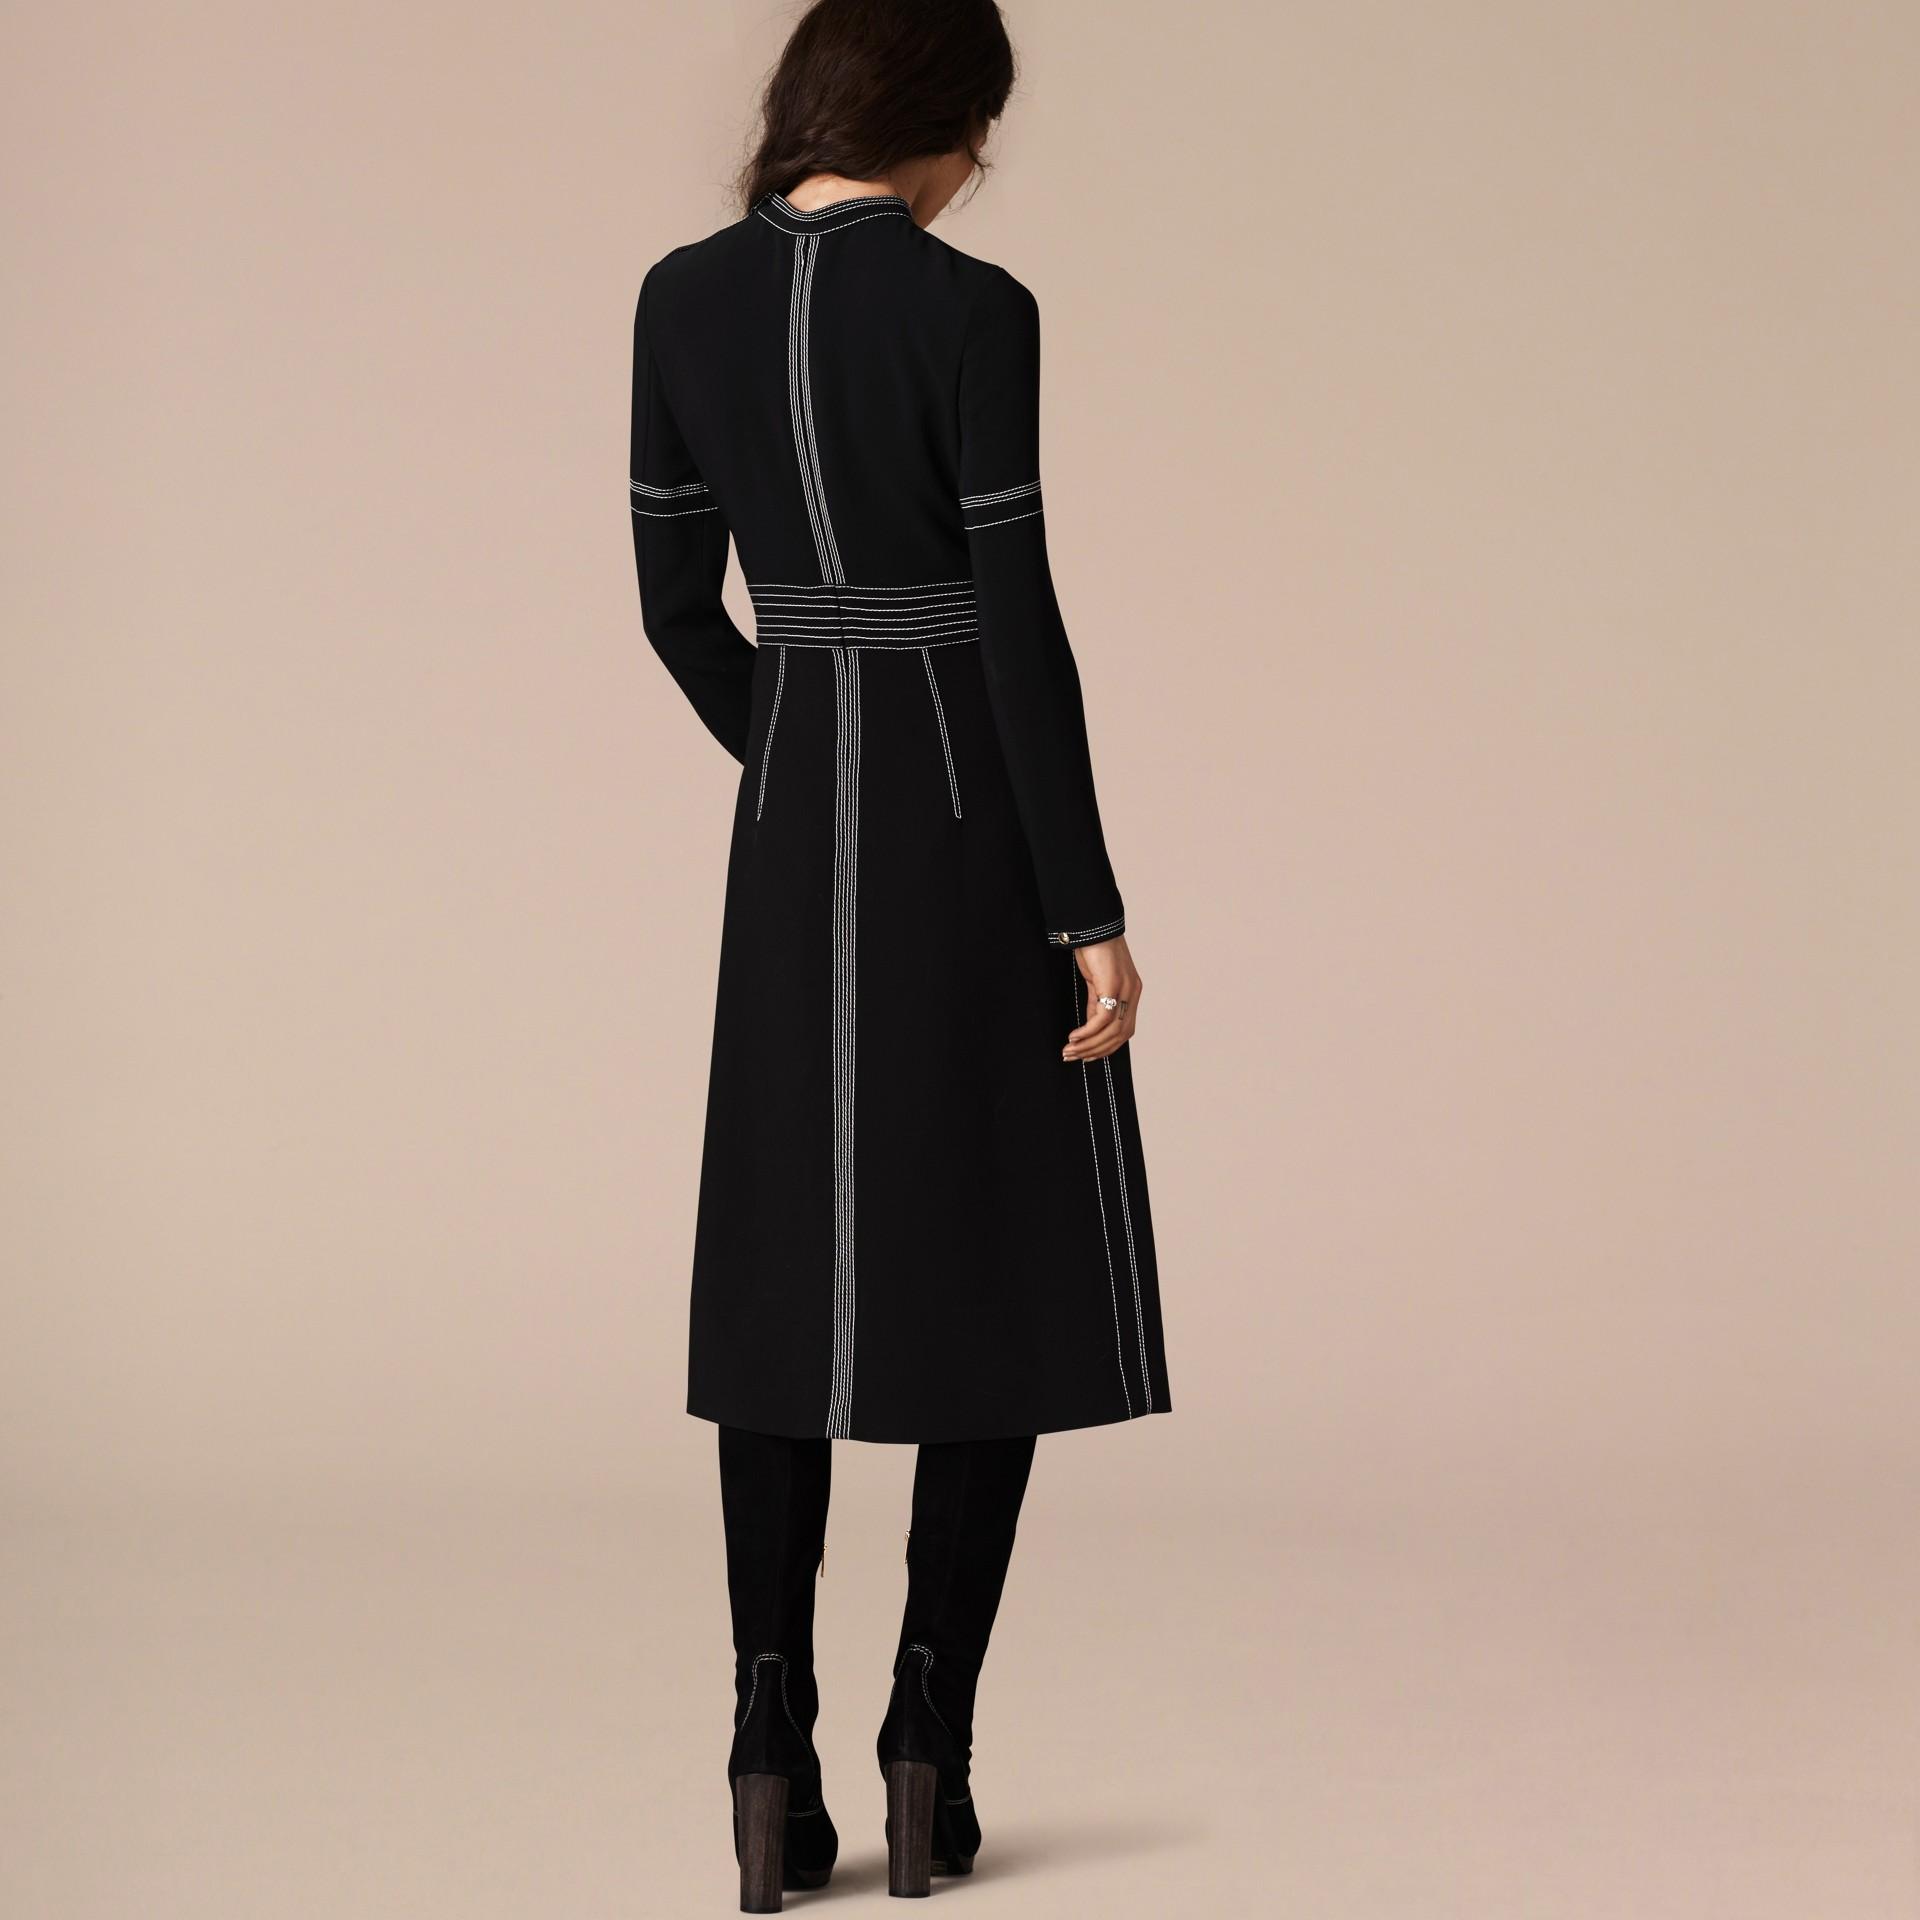 Черный Узкое платье в стиле милитари - изображение 3